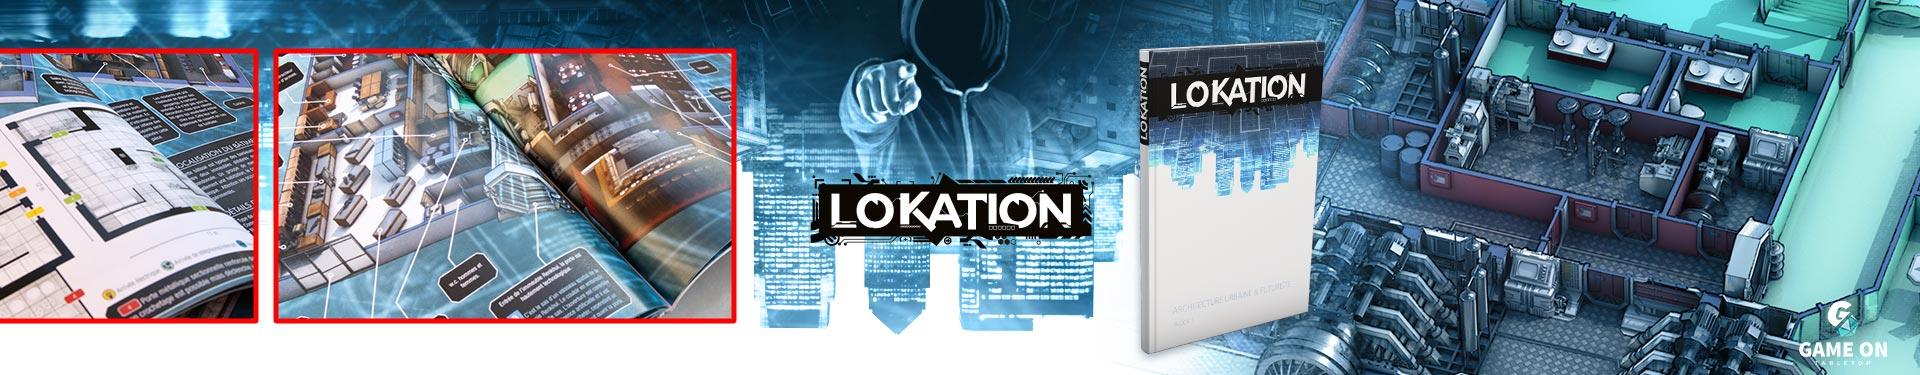 LOKATION